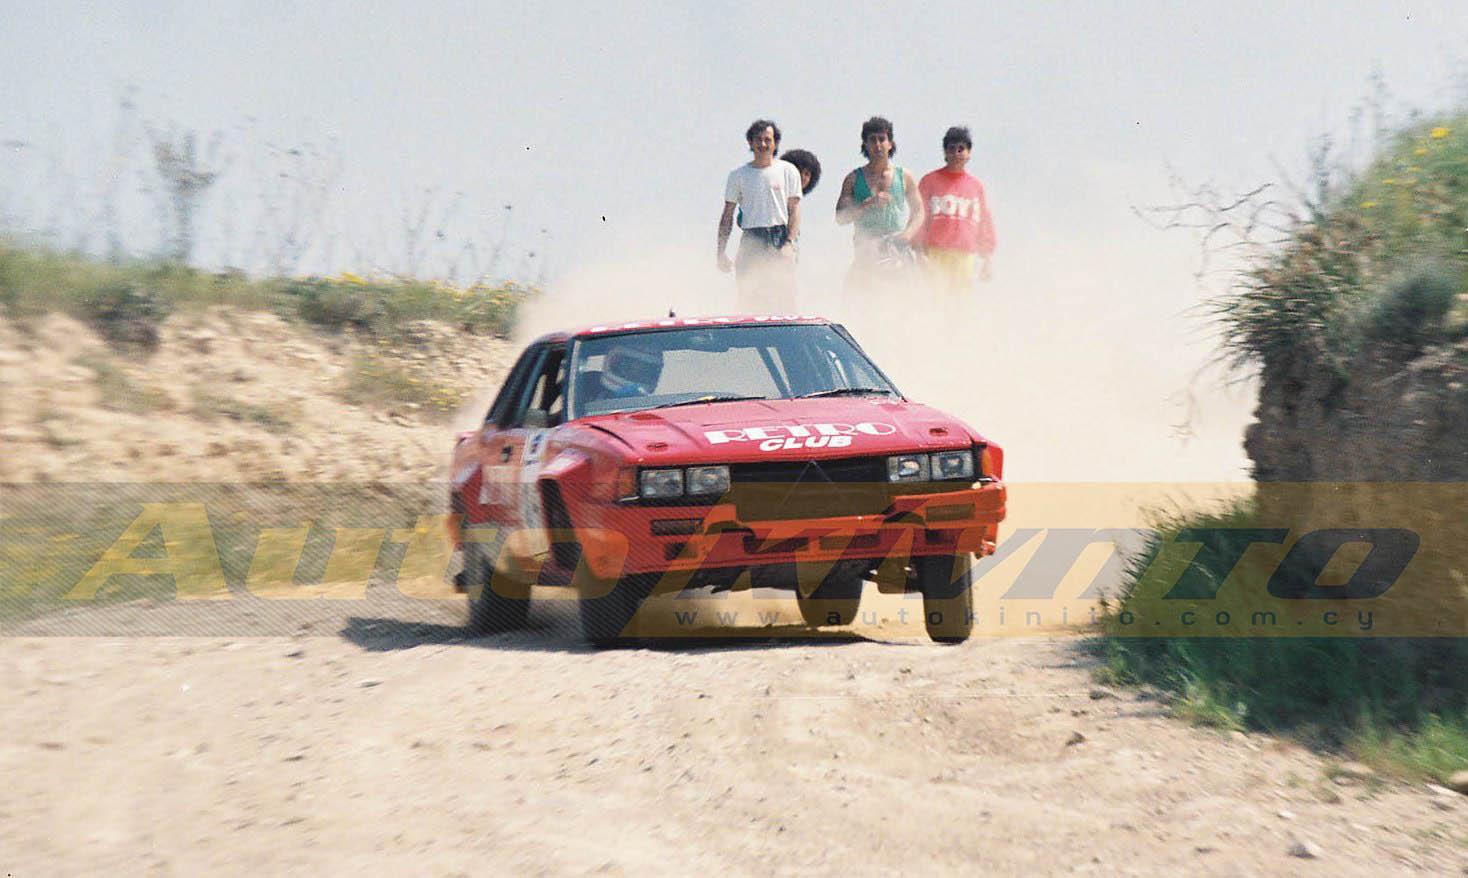 1989 ΣΙΩΦΕΡΟΣ ΛΑΡΝΑΚΑ ΡΑΛΙΣΠΡΙΝΤ